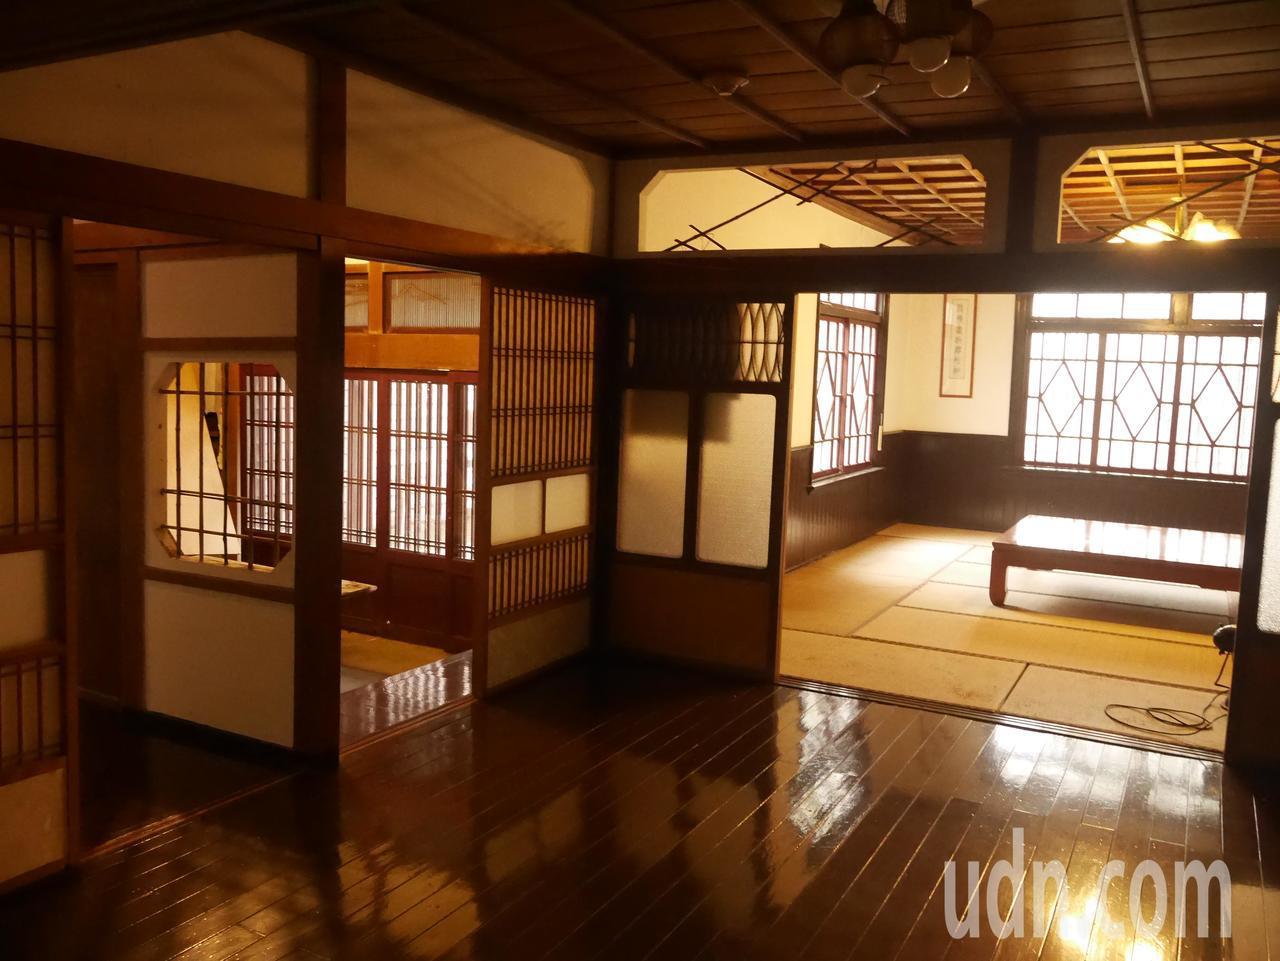 等嘸太子的礦山太子賓館 日式建築有百年九芎樹為伴